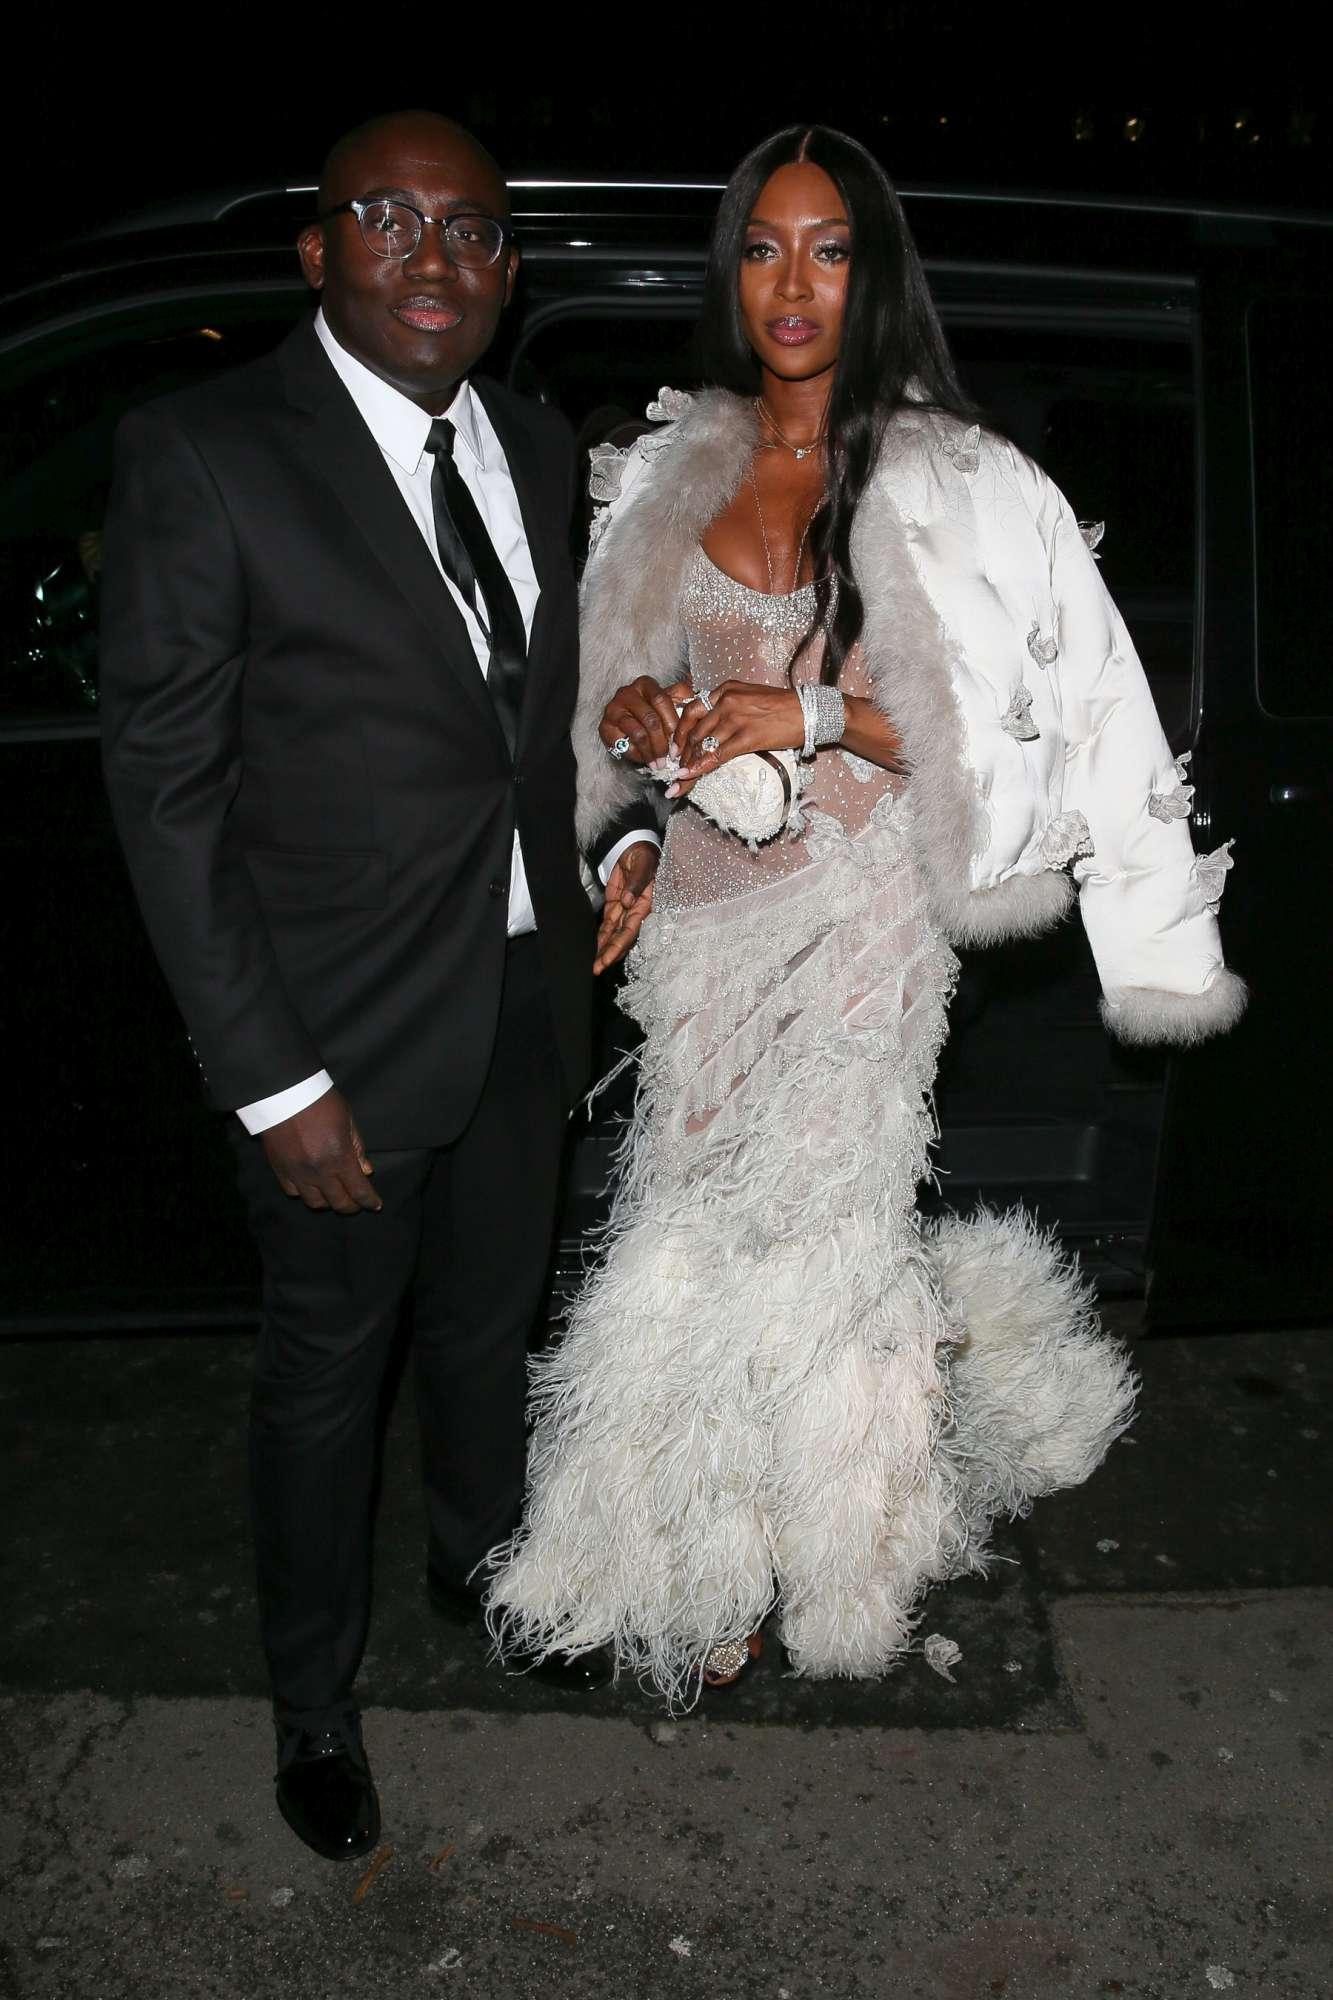 Naomi al party con Liam Payne: stanno insieme da un mese, ma li separano 23 anni